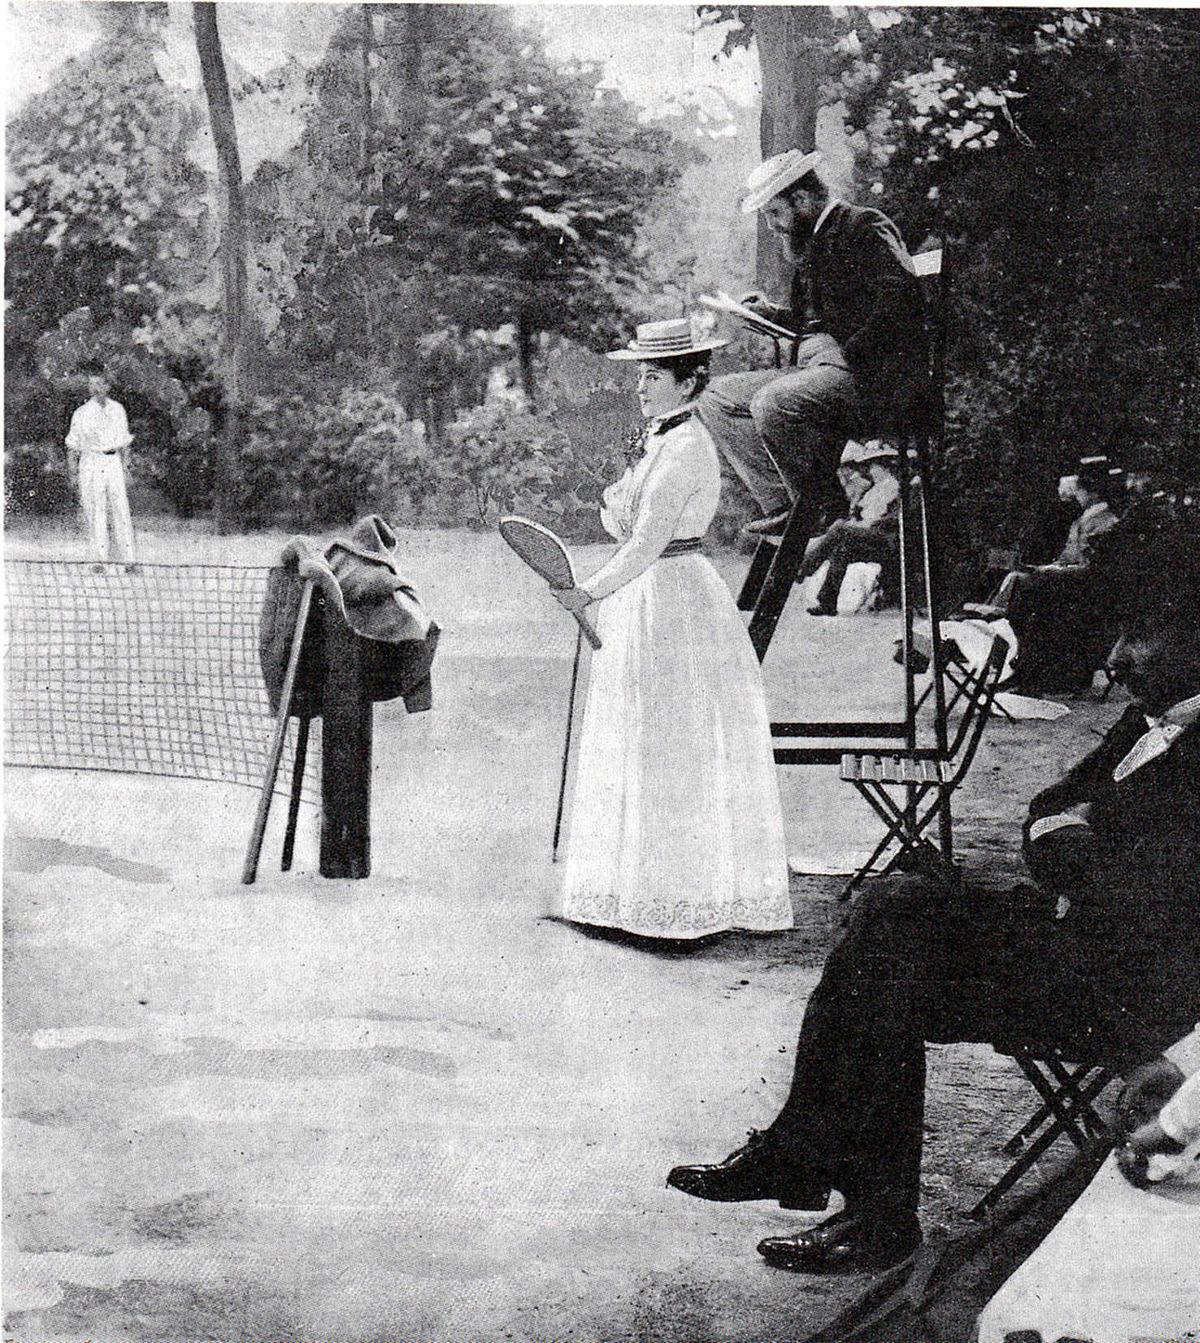 File:Tennis women 1900.jpg - Wikimedia Commons